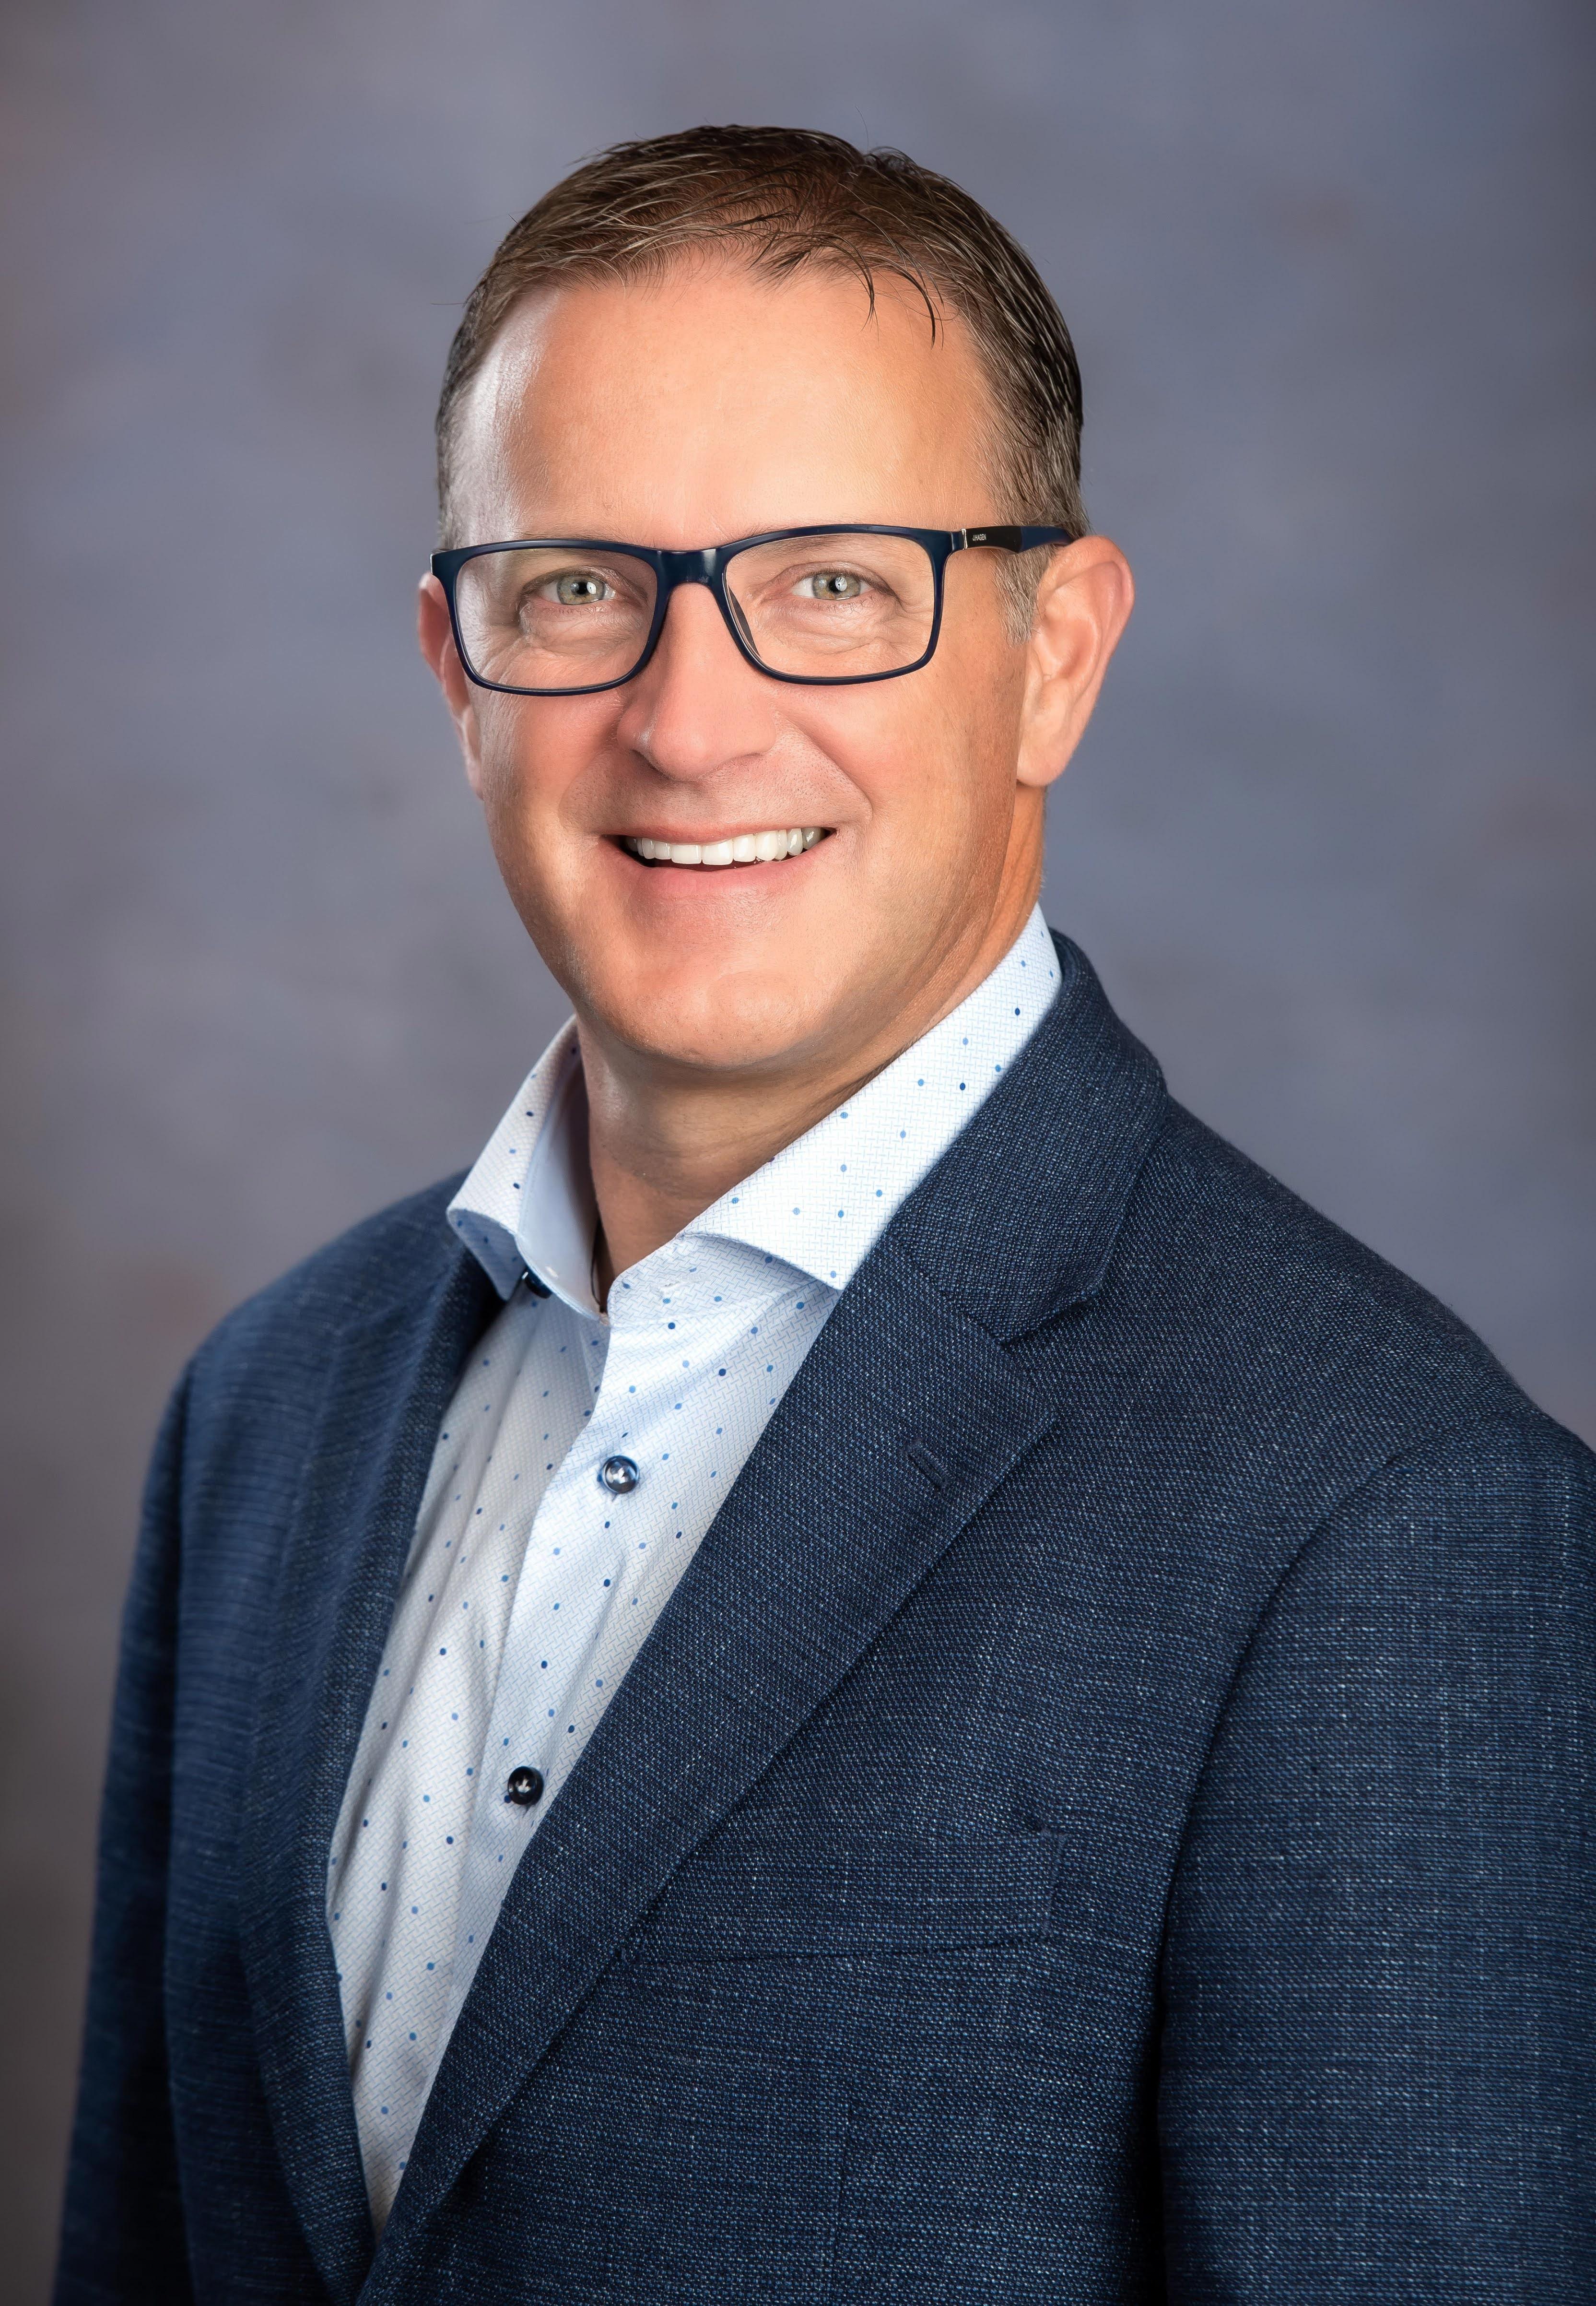 Kent MacDonald, CEO of Tourism PEI